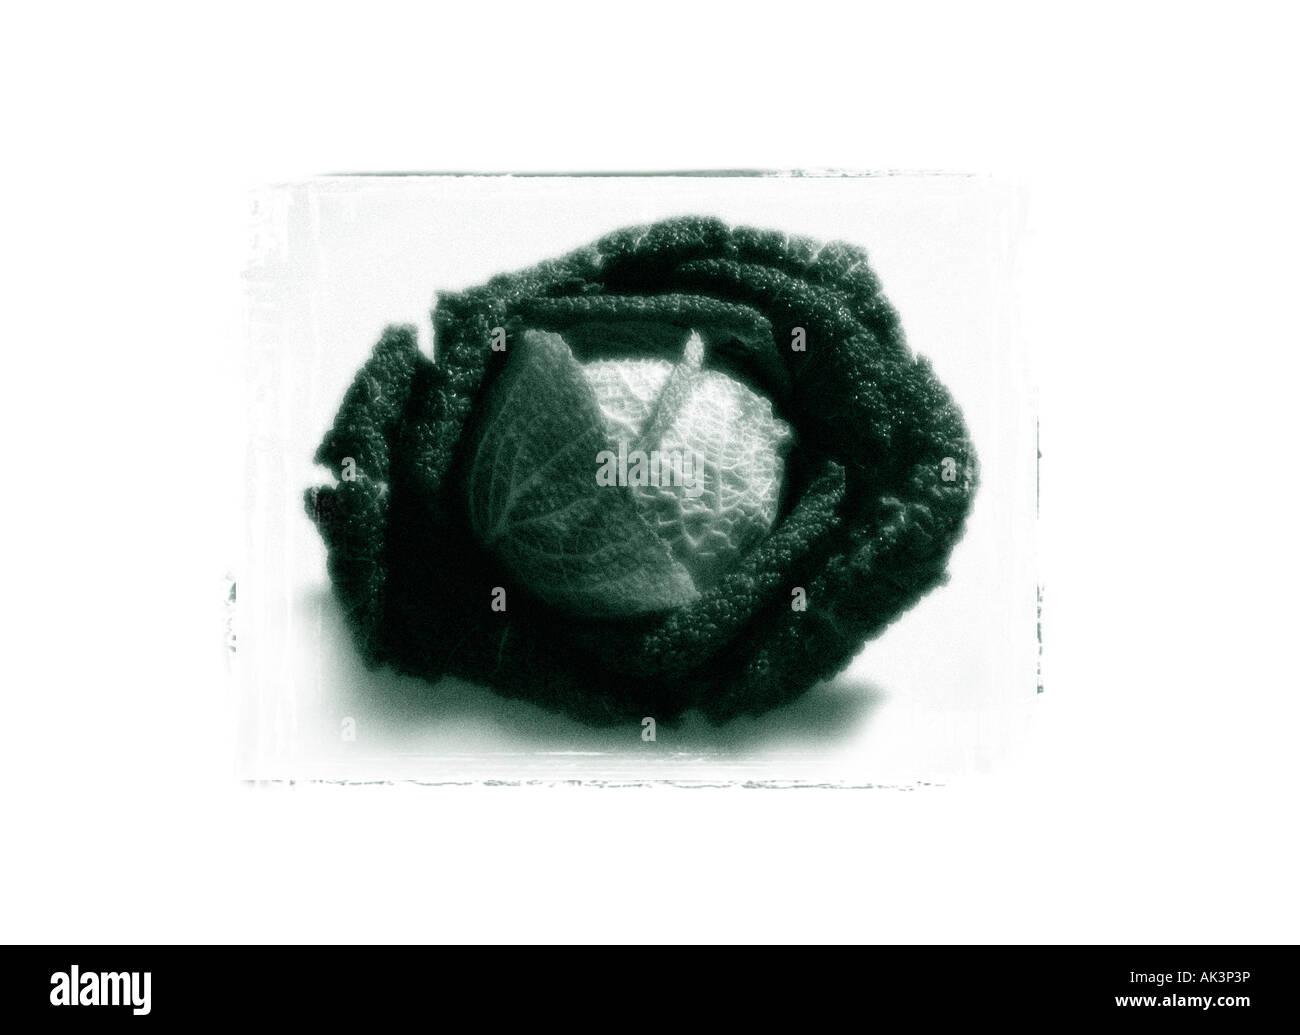 Moody avec chou monochrome granuleuse type polaroid frame Photo Stock